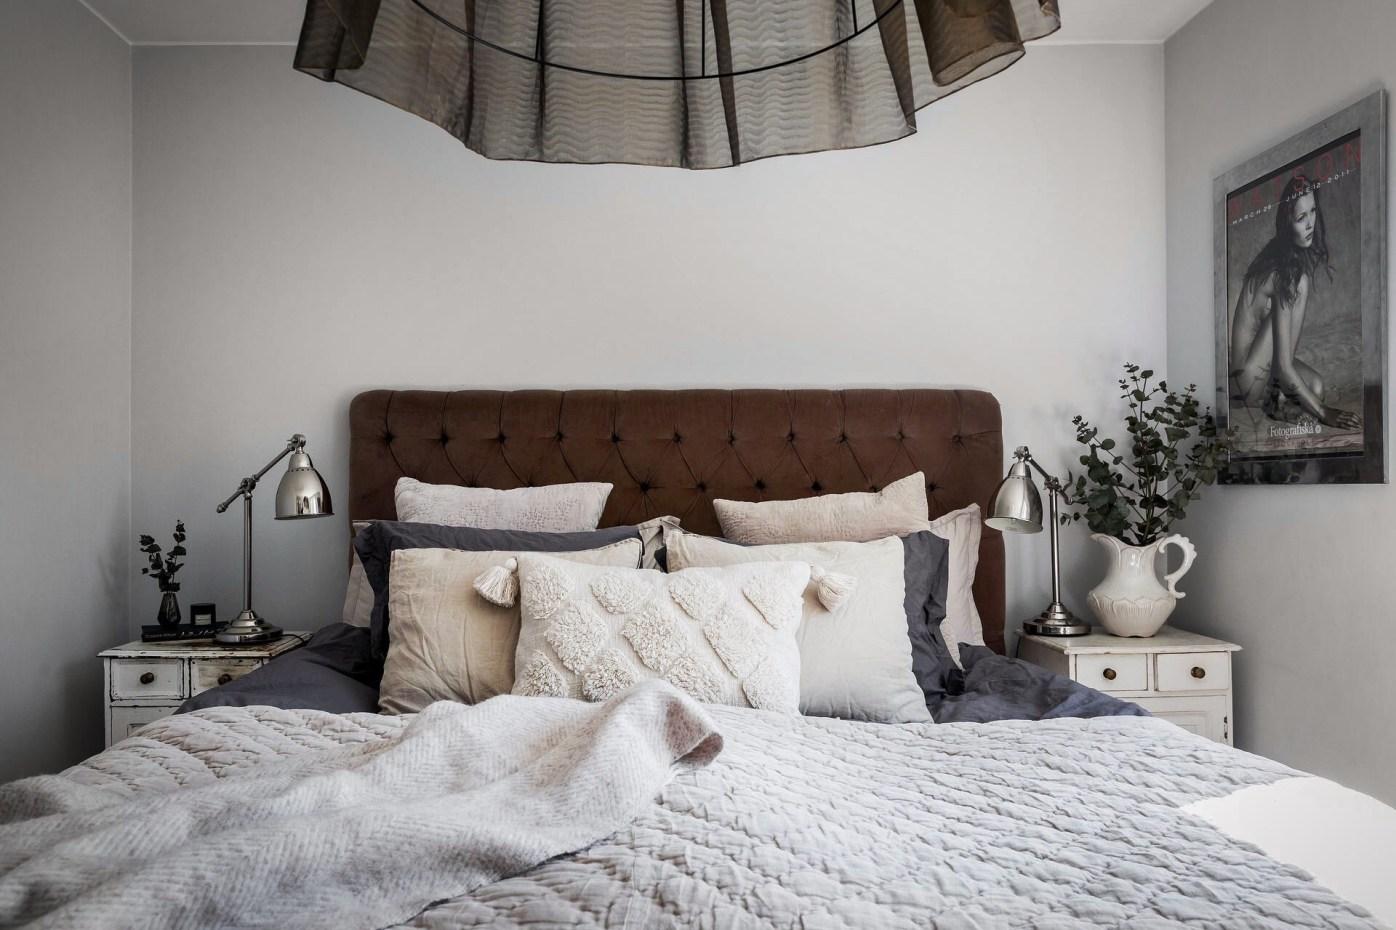 bedroom headboard-1